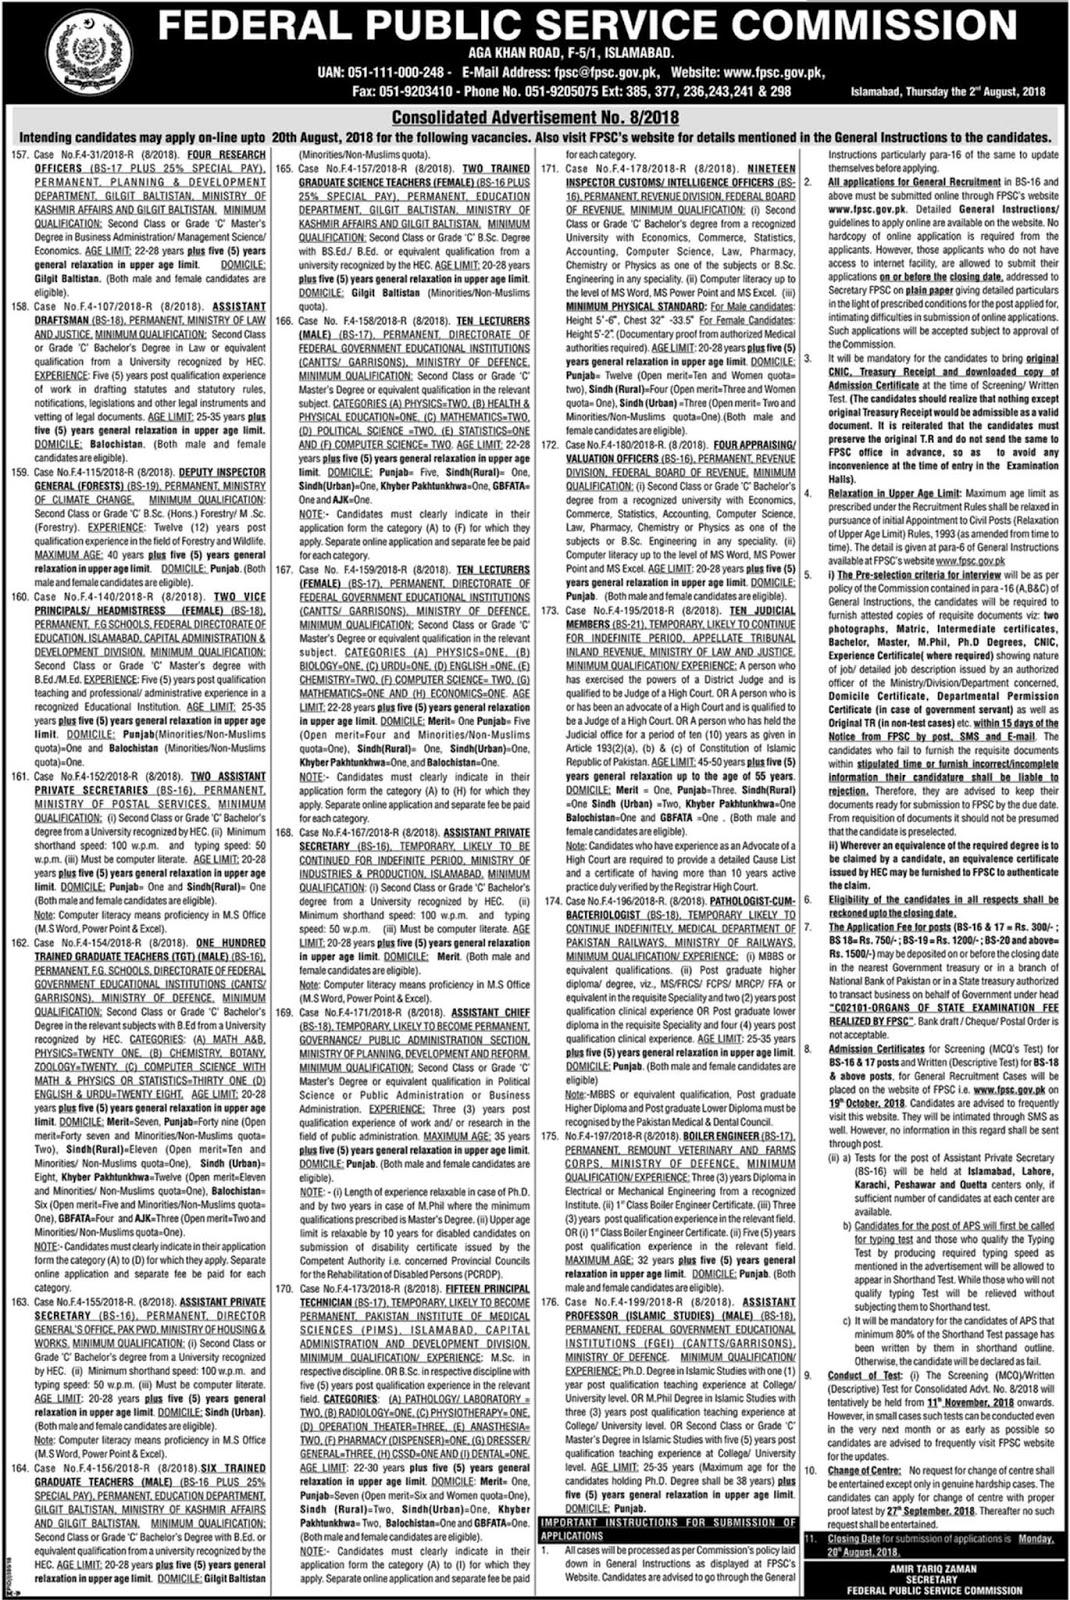 FPSC Jobs 05 Aug 2018 Federal Public Service Commission